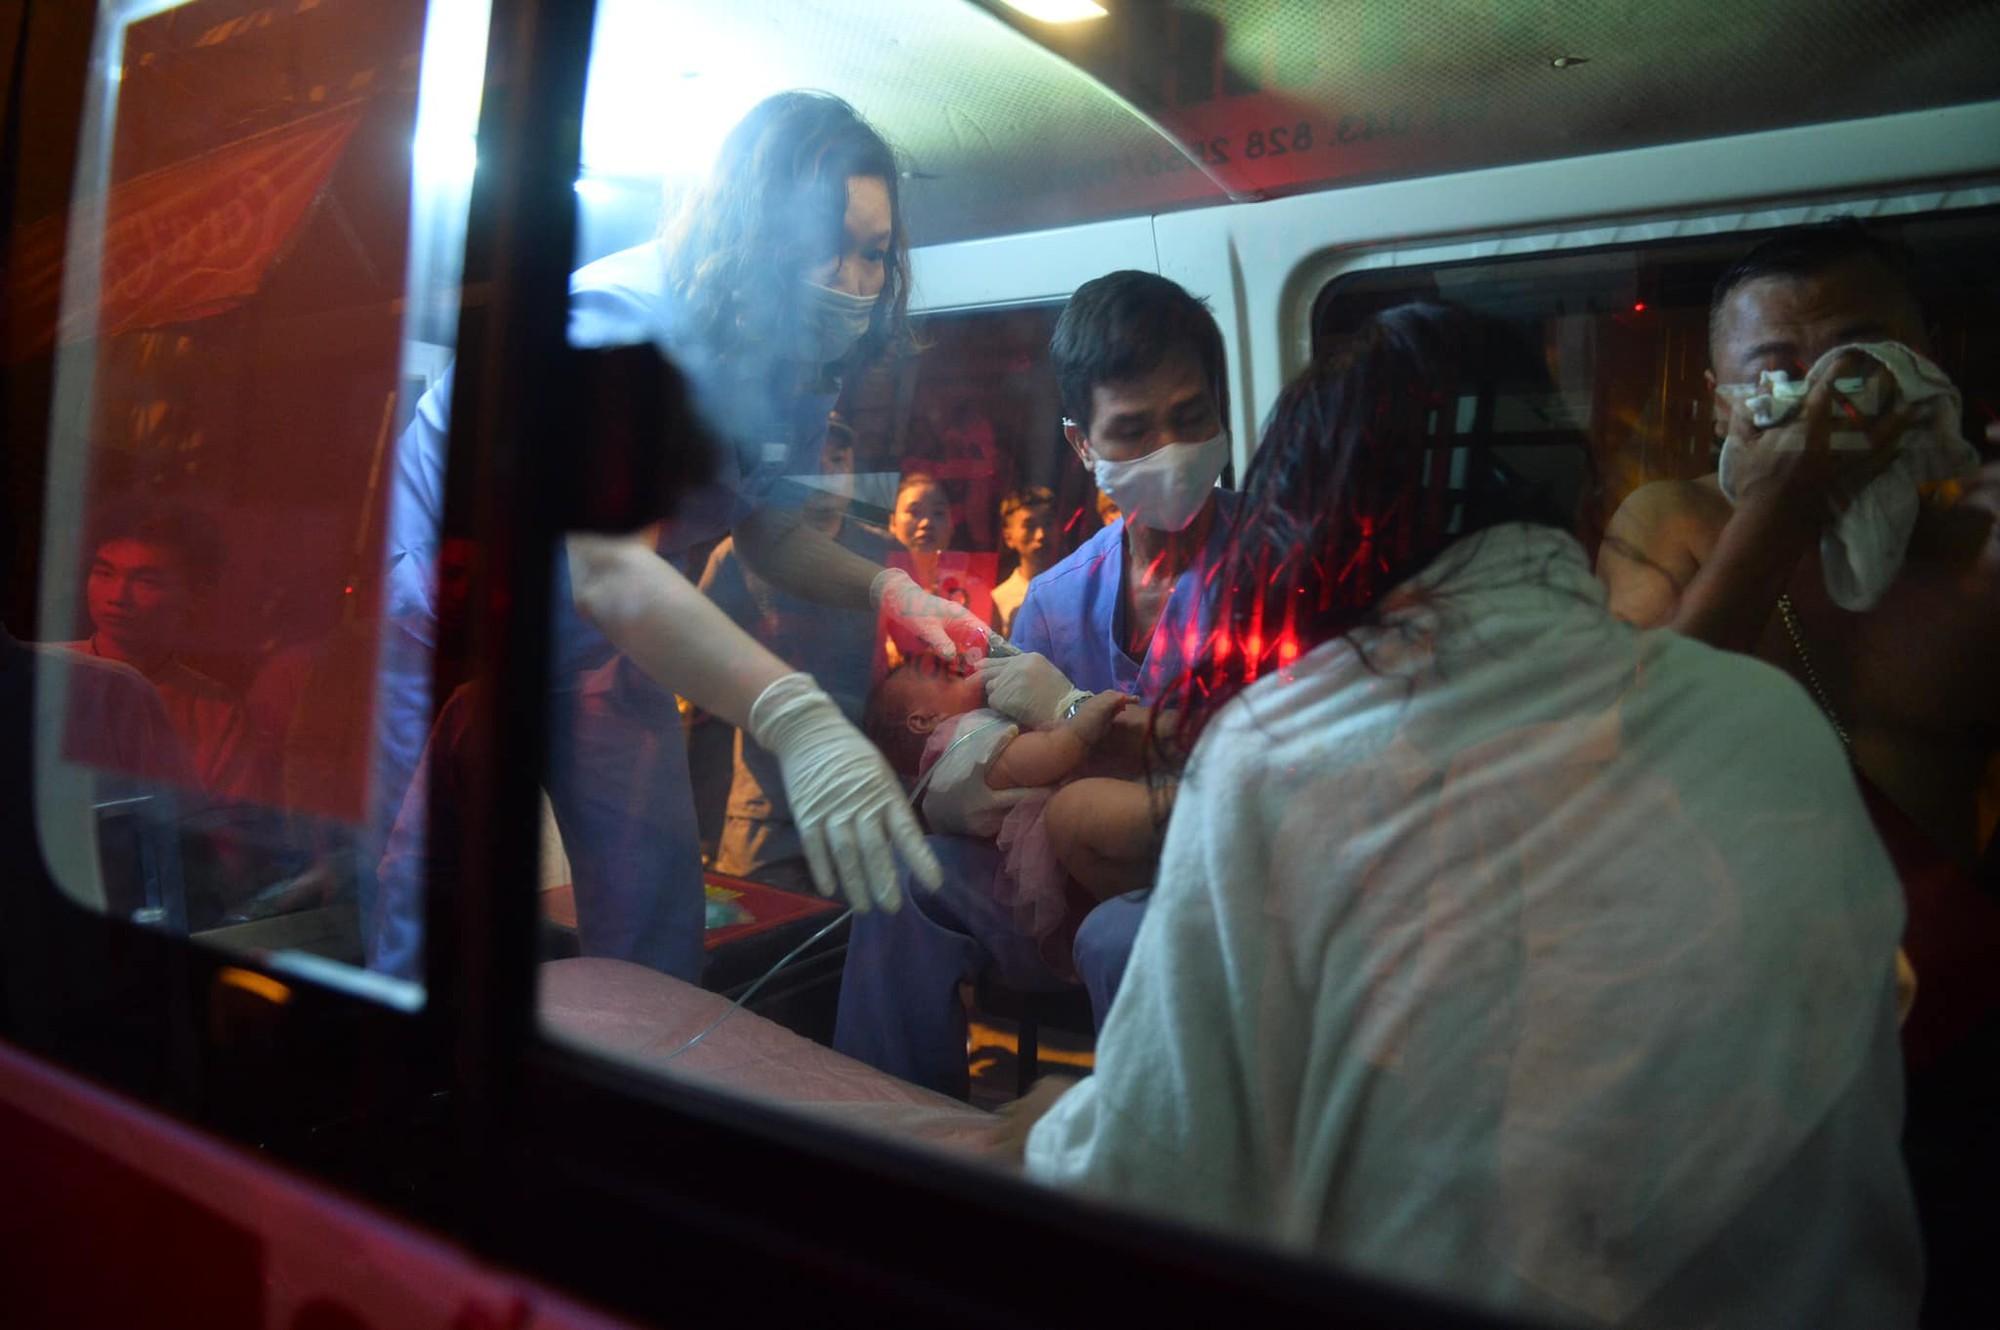 Cháy khách sạn trên phố cổ Hà Nội lúc sáng sớm, nhiều người chỉ kịp choàng khăn tắm hốt hoảng tháo chạy - Ảnh 8.